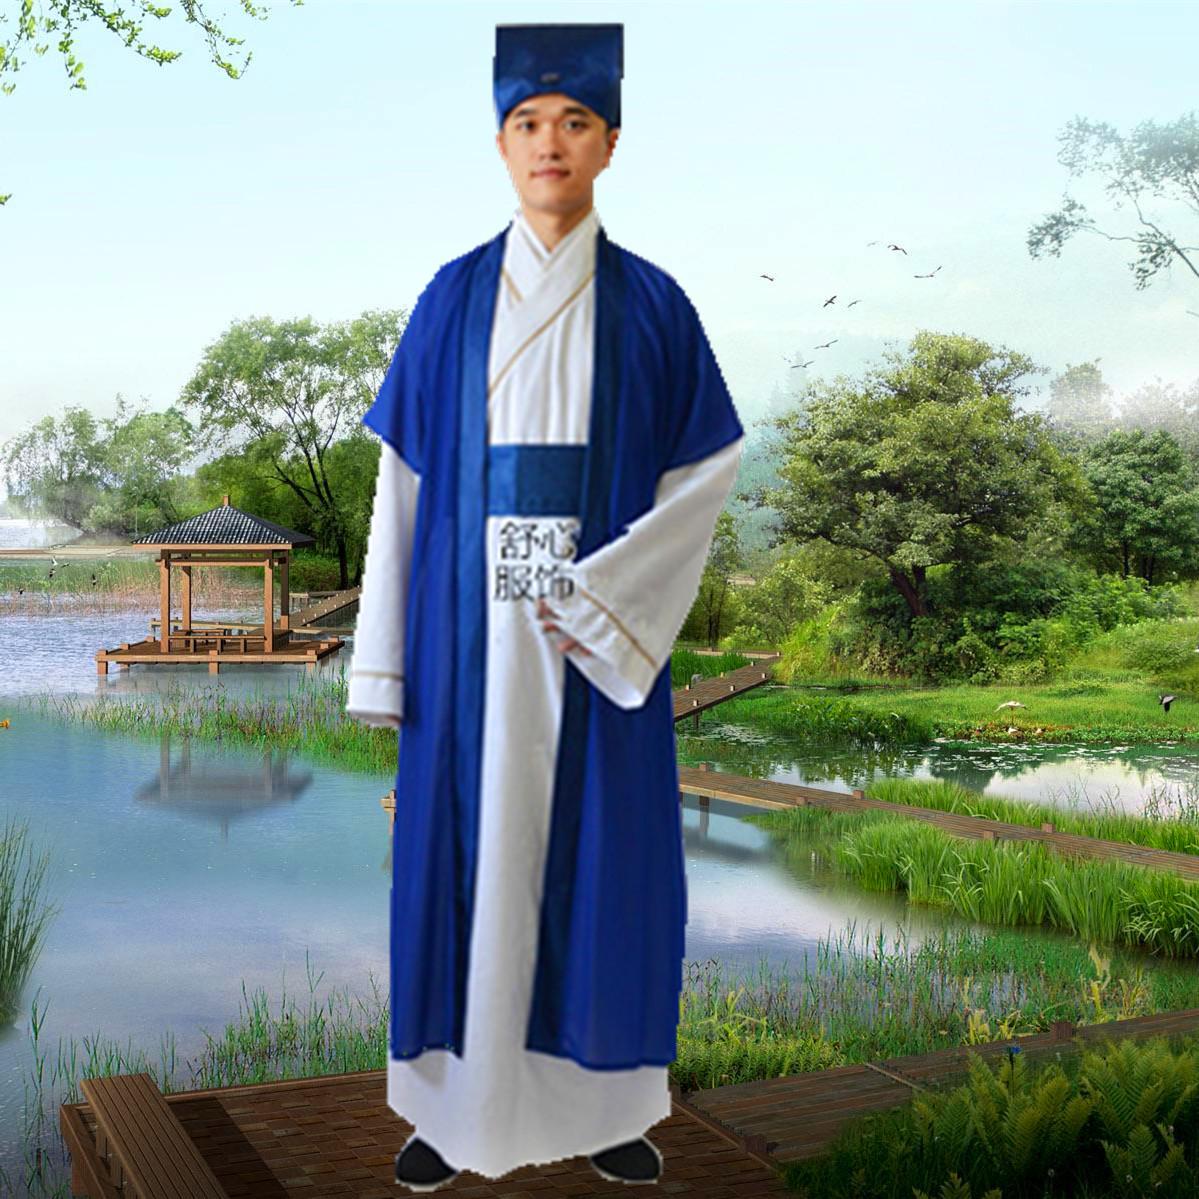 古代书生衣服孔子学院汉服套装舞台演出服男士教书先生读书郎古装